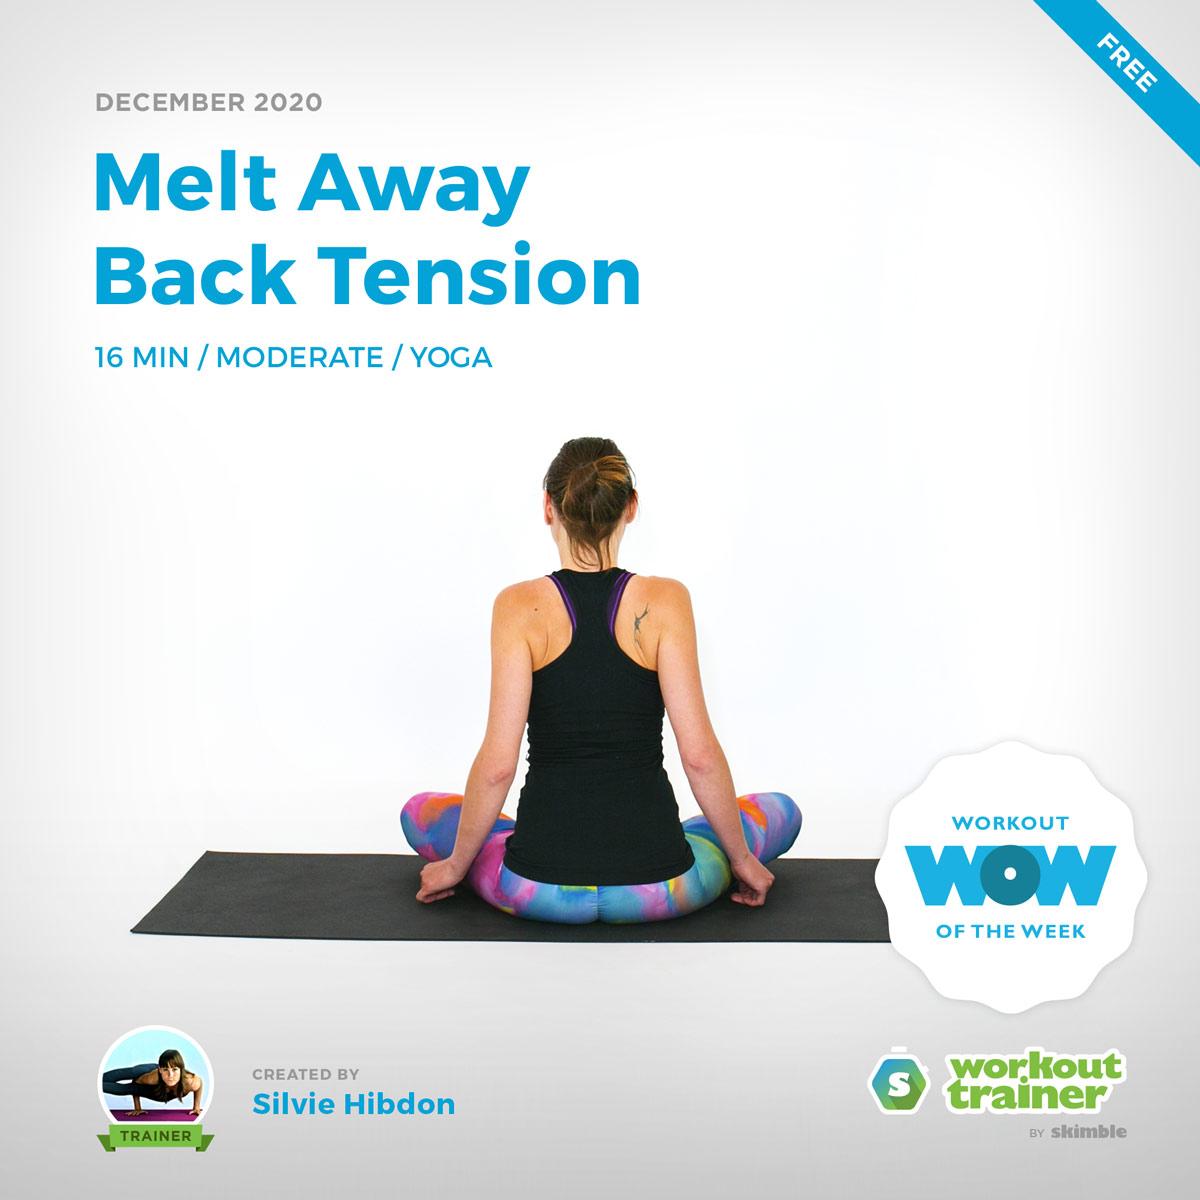 Female Yoga Instructor doing Yoga Shoulder Shrugs on Yoga Mat